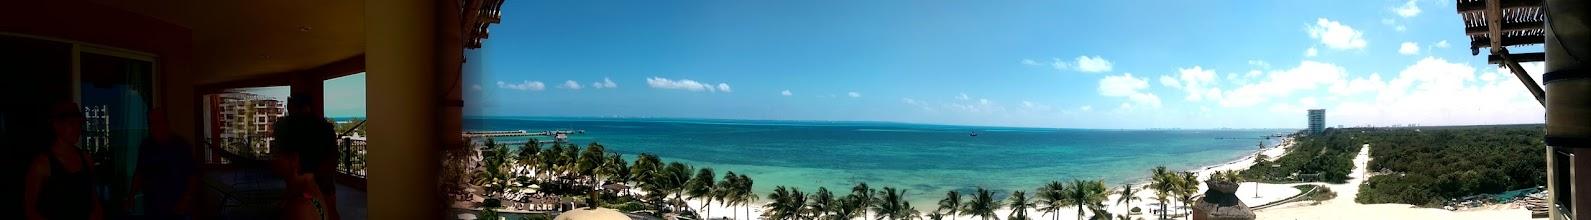 Photo: HTC One panoramic